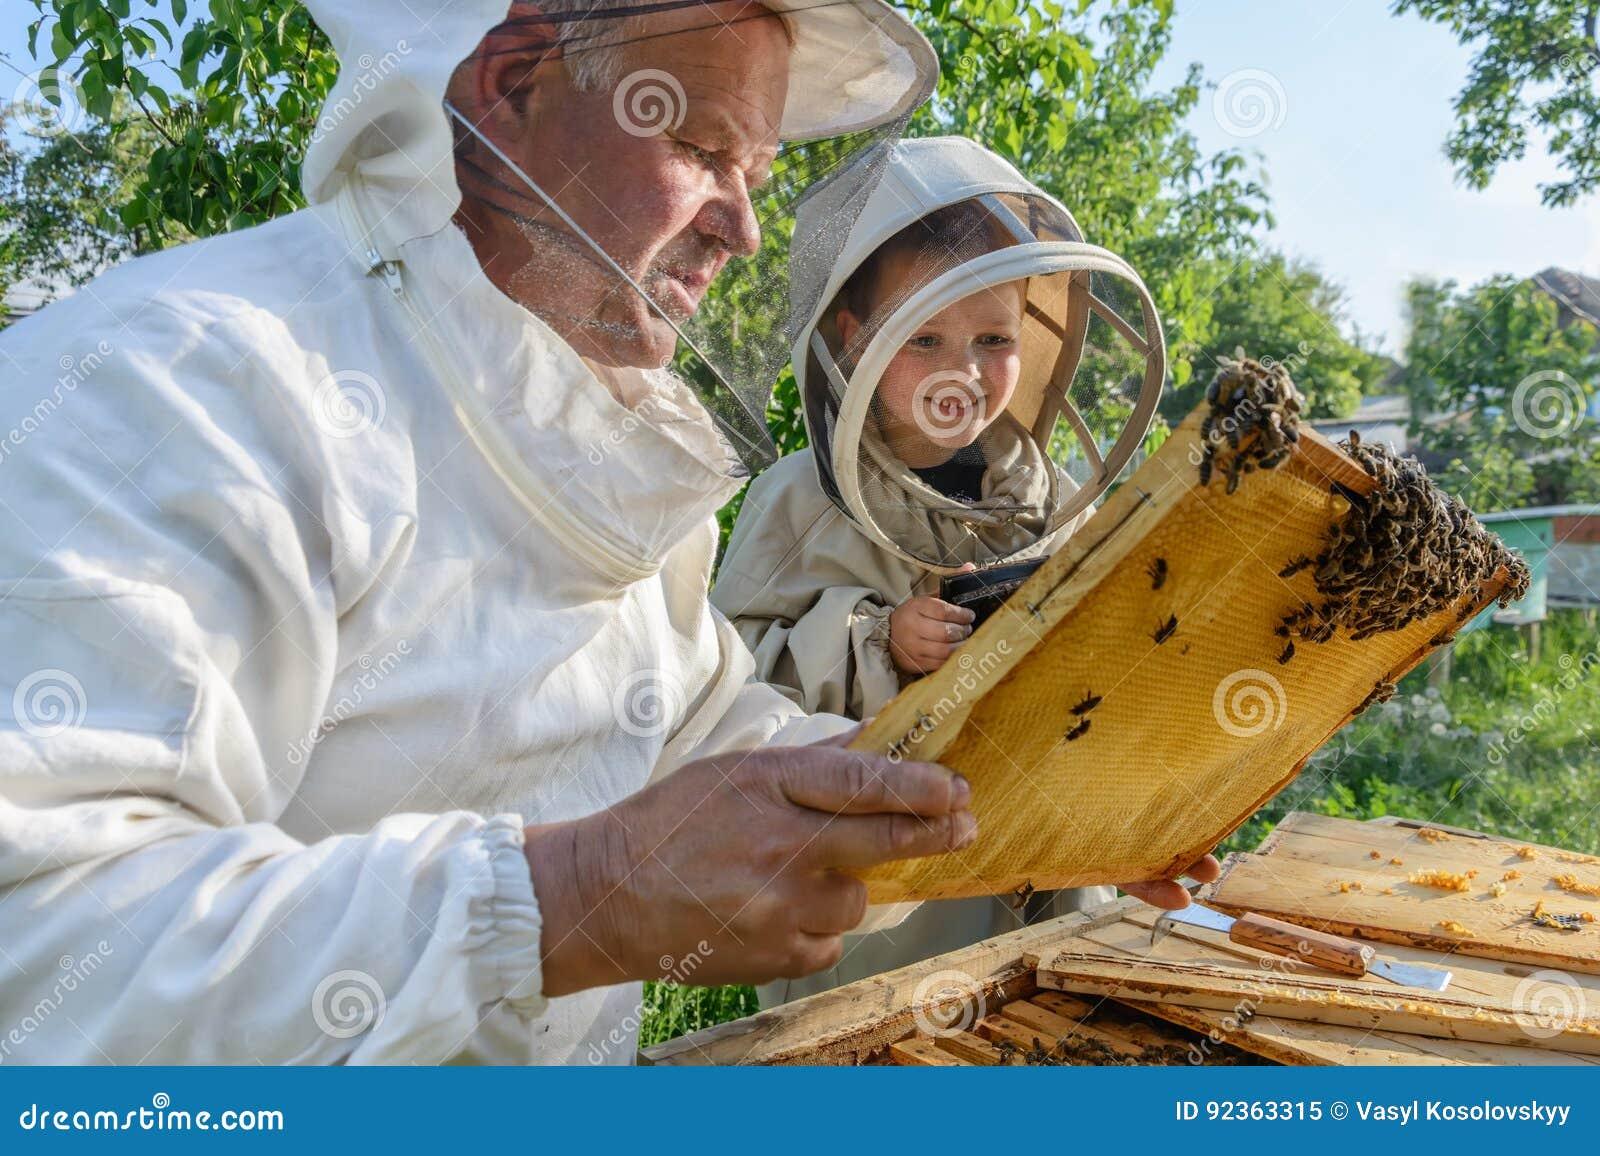 Le grand-père expérimenté d apiculteur enseigne son petit-fils s inquiétant des abeilles Apiculture Le concept du transfert de